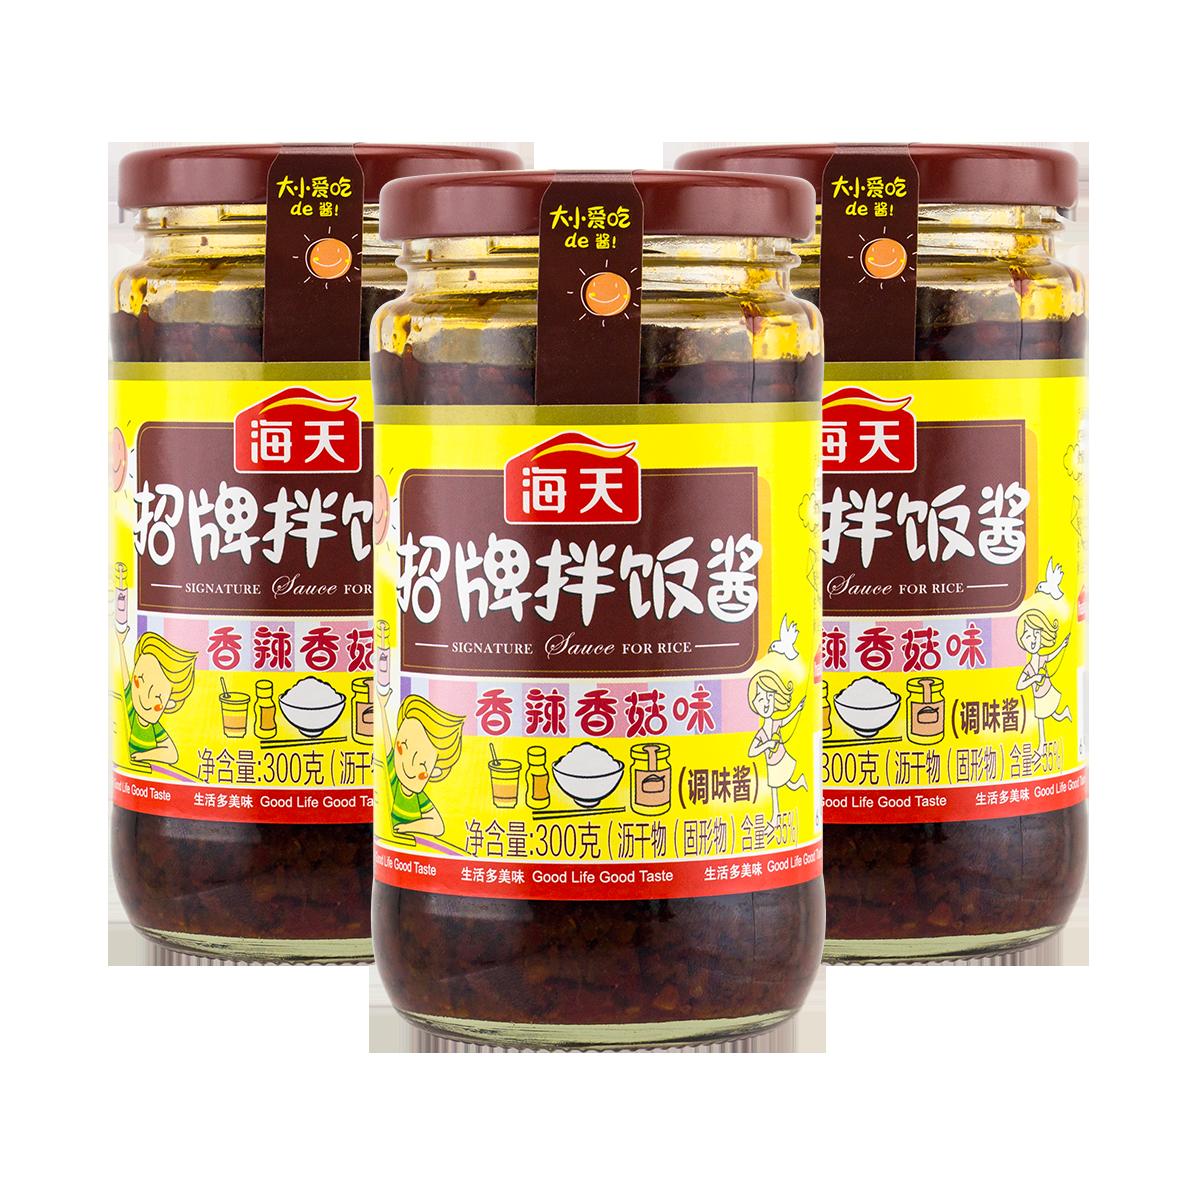 海天招牌拌饭酱300g*3瓶组合香辣香菇调味酱下饭拌面酱新货 包邮